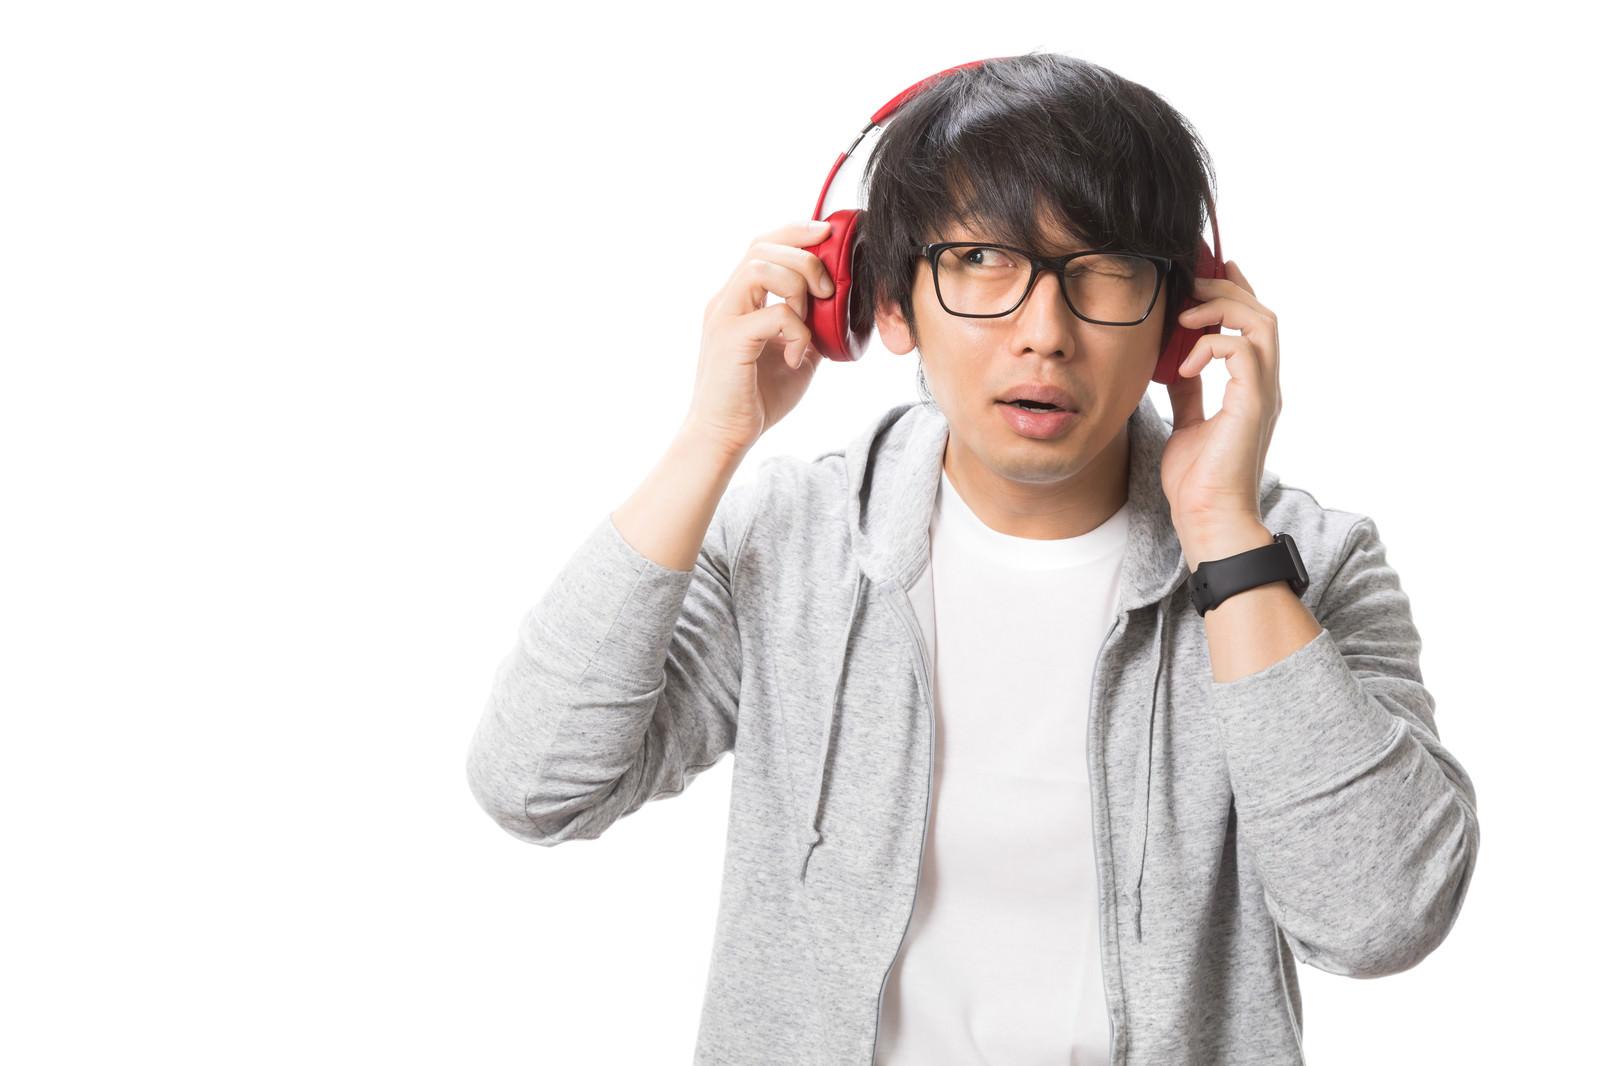 「ヘッドフォンの音漏れ気になる?」の写真[モデル:大川竜弥]